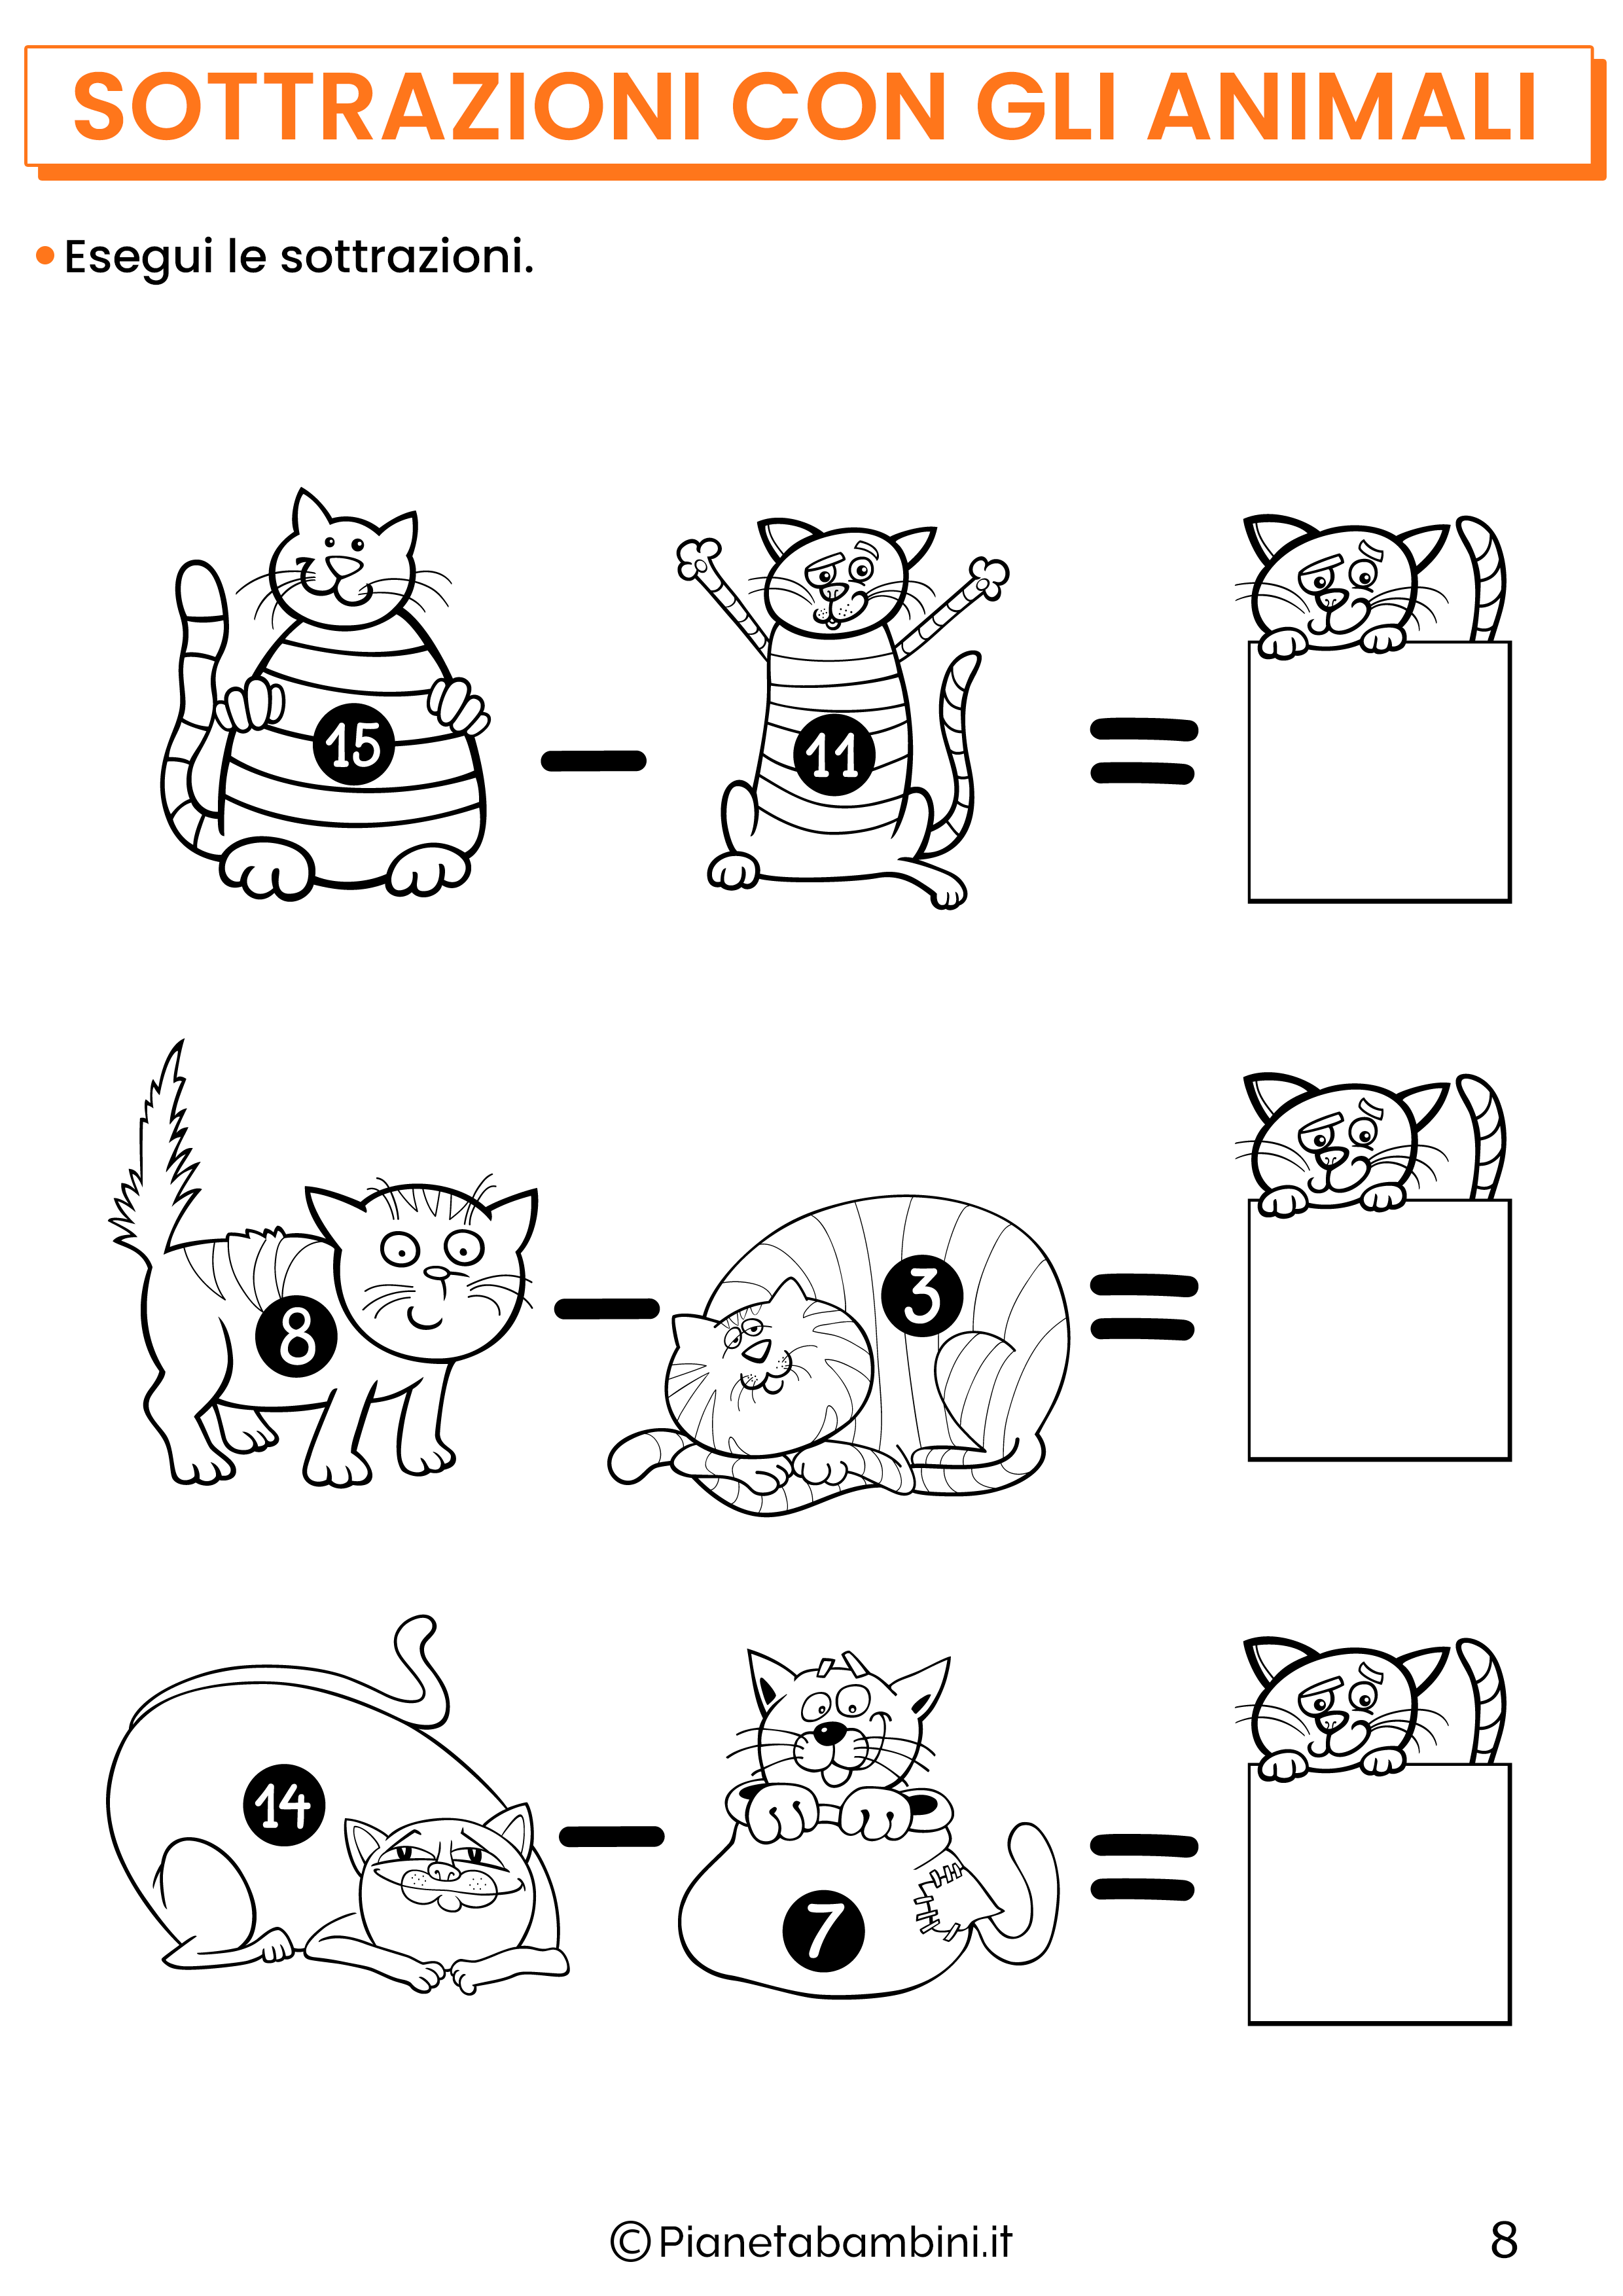 Sottrazioni con gli animali per la classe prima pagina 8